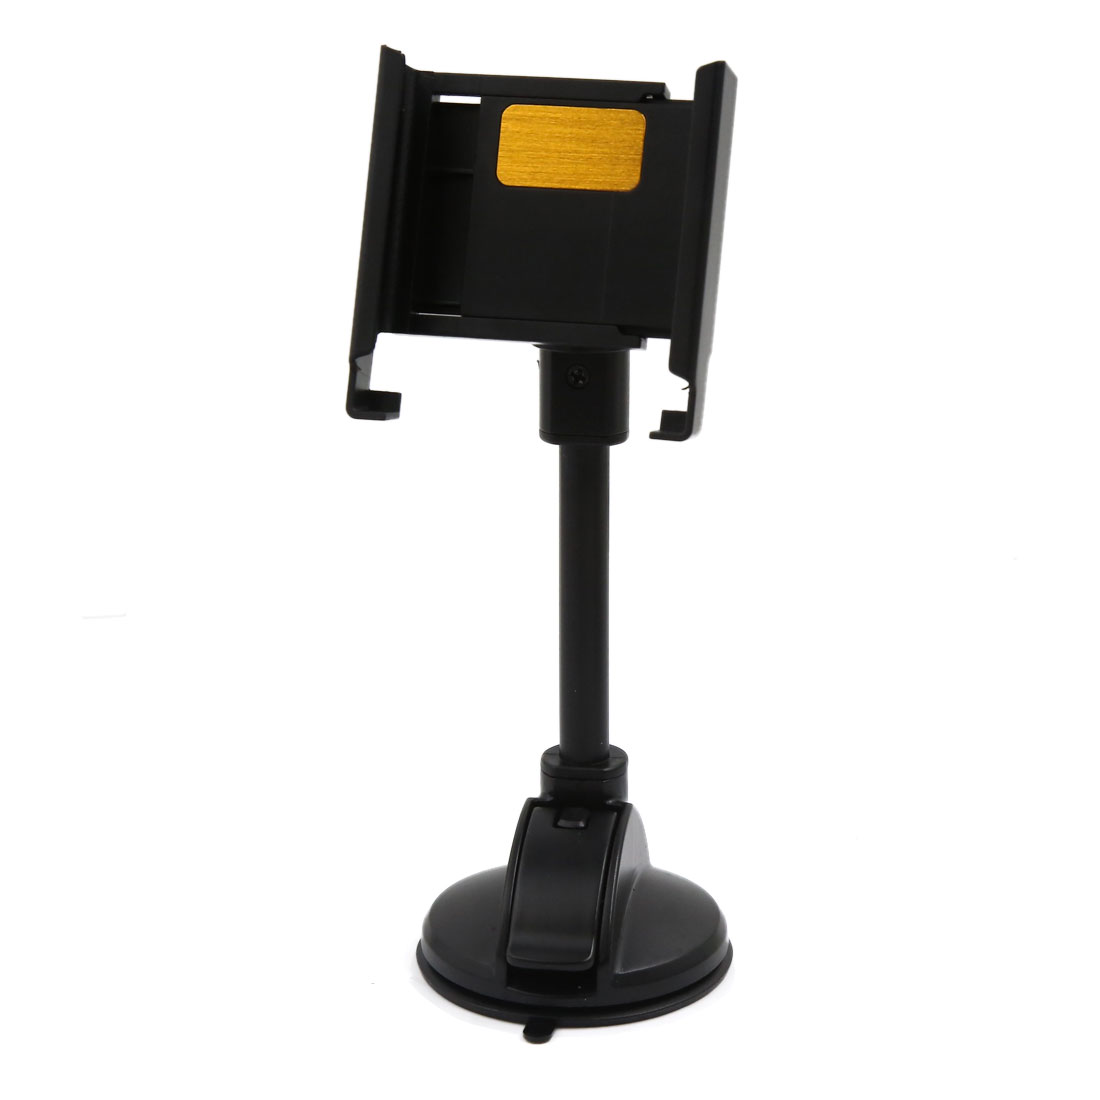 Universal Adjustable Windshield Mount Cell Mobile Phone GPS Holder Bracket Black